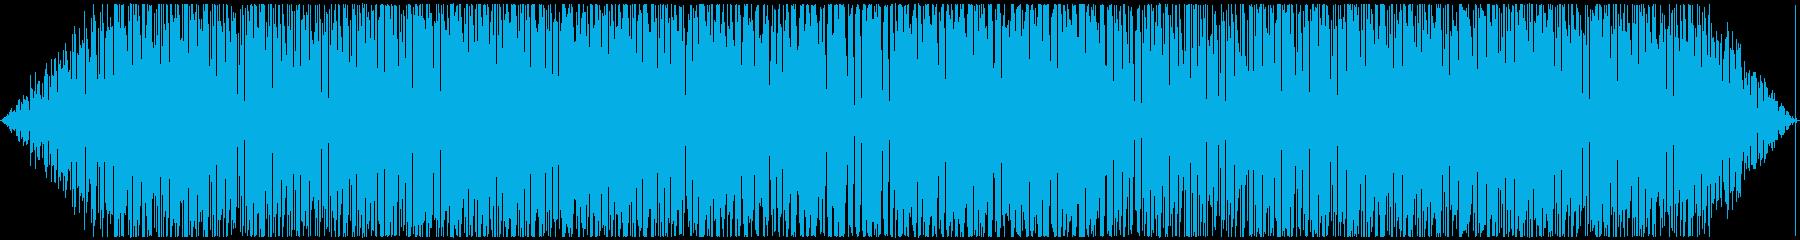 ラテンソフト。ボッサ。の再生済みの波形